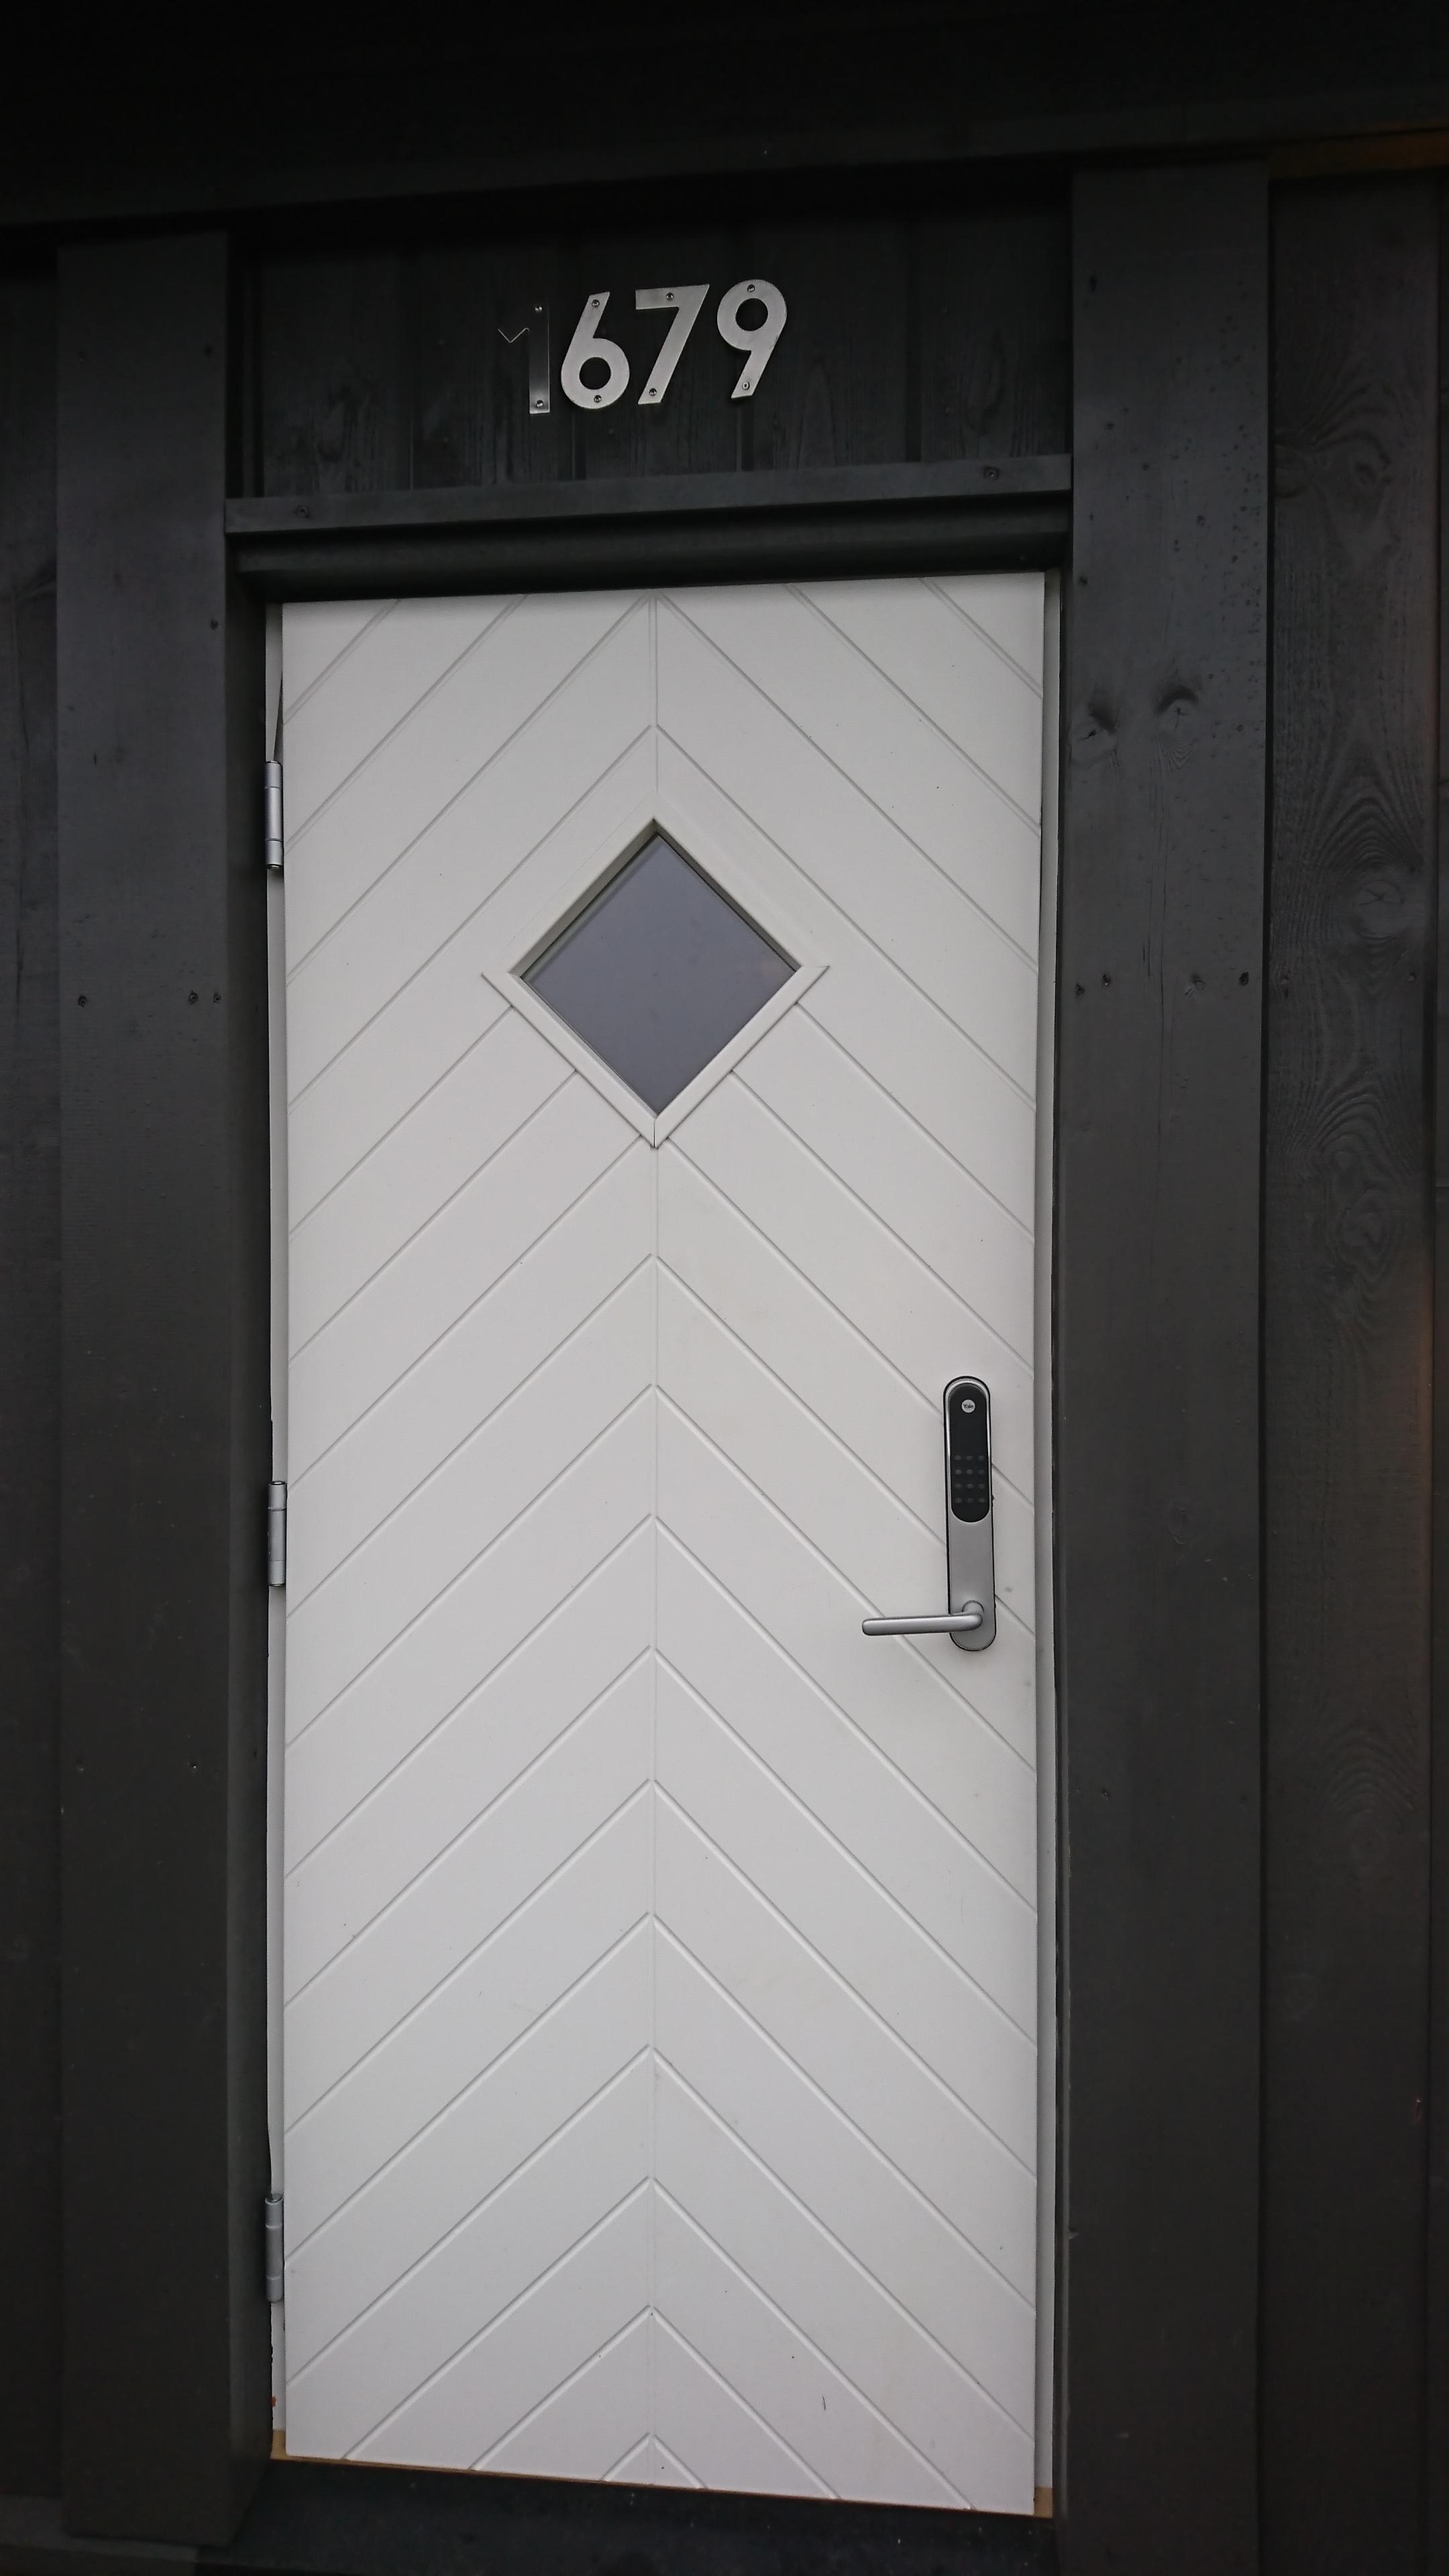 Hytta er nr. 1679 og har kodelås. Nøkkel til boden ligger i en liten boks på benken med skuffer. I boden er også kran for vanntilførsel.